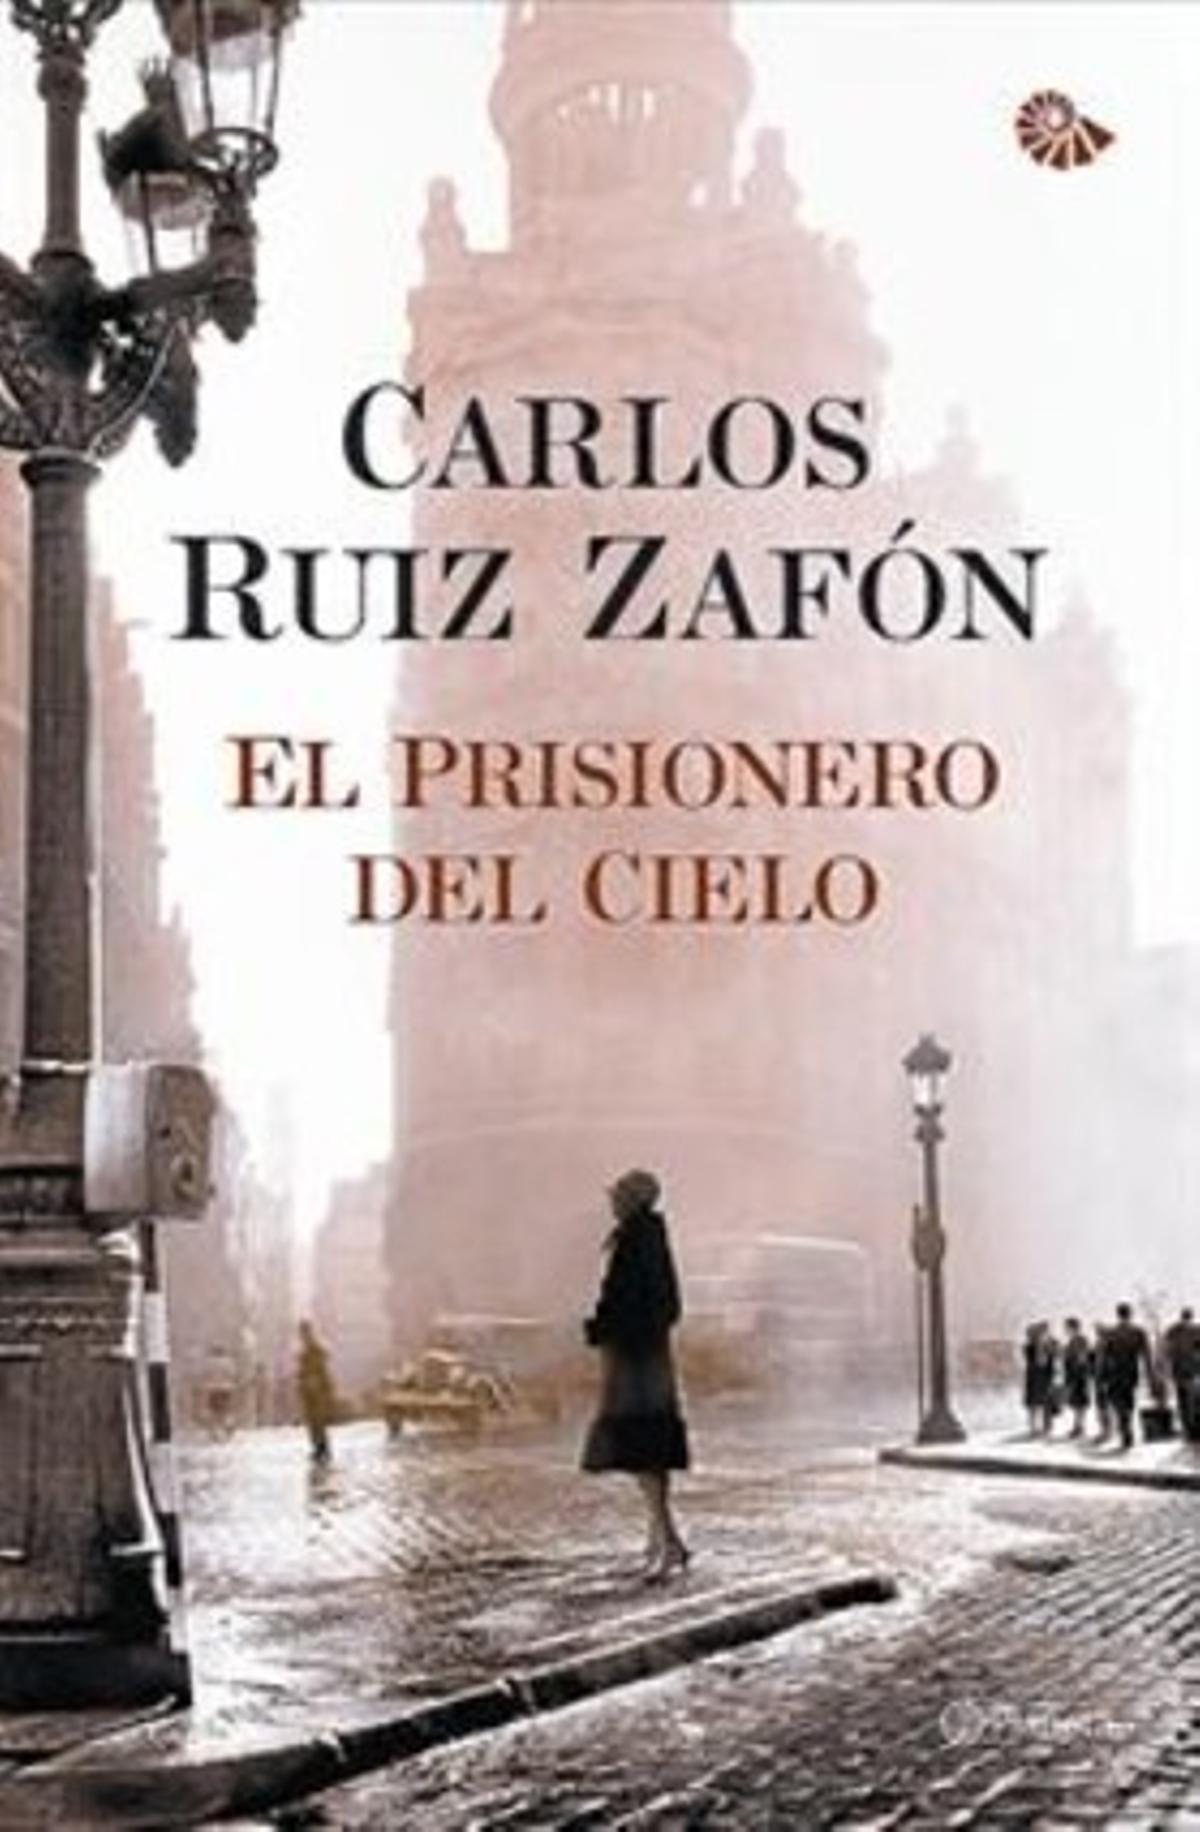 A la izquierda, fotografía original de Francesc Català-Roca. A la derecha, portada de 'El prisionero del cielo', próxima novela de Carlos Ruiz Zafón.